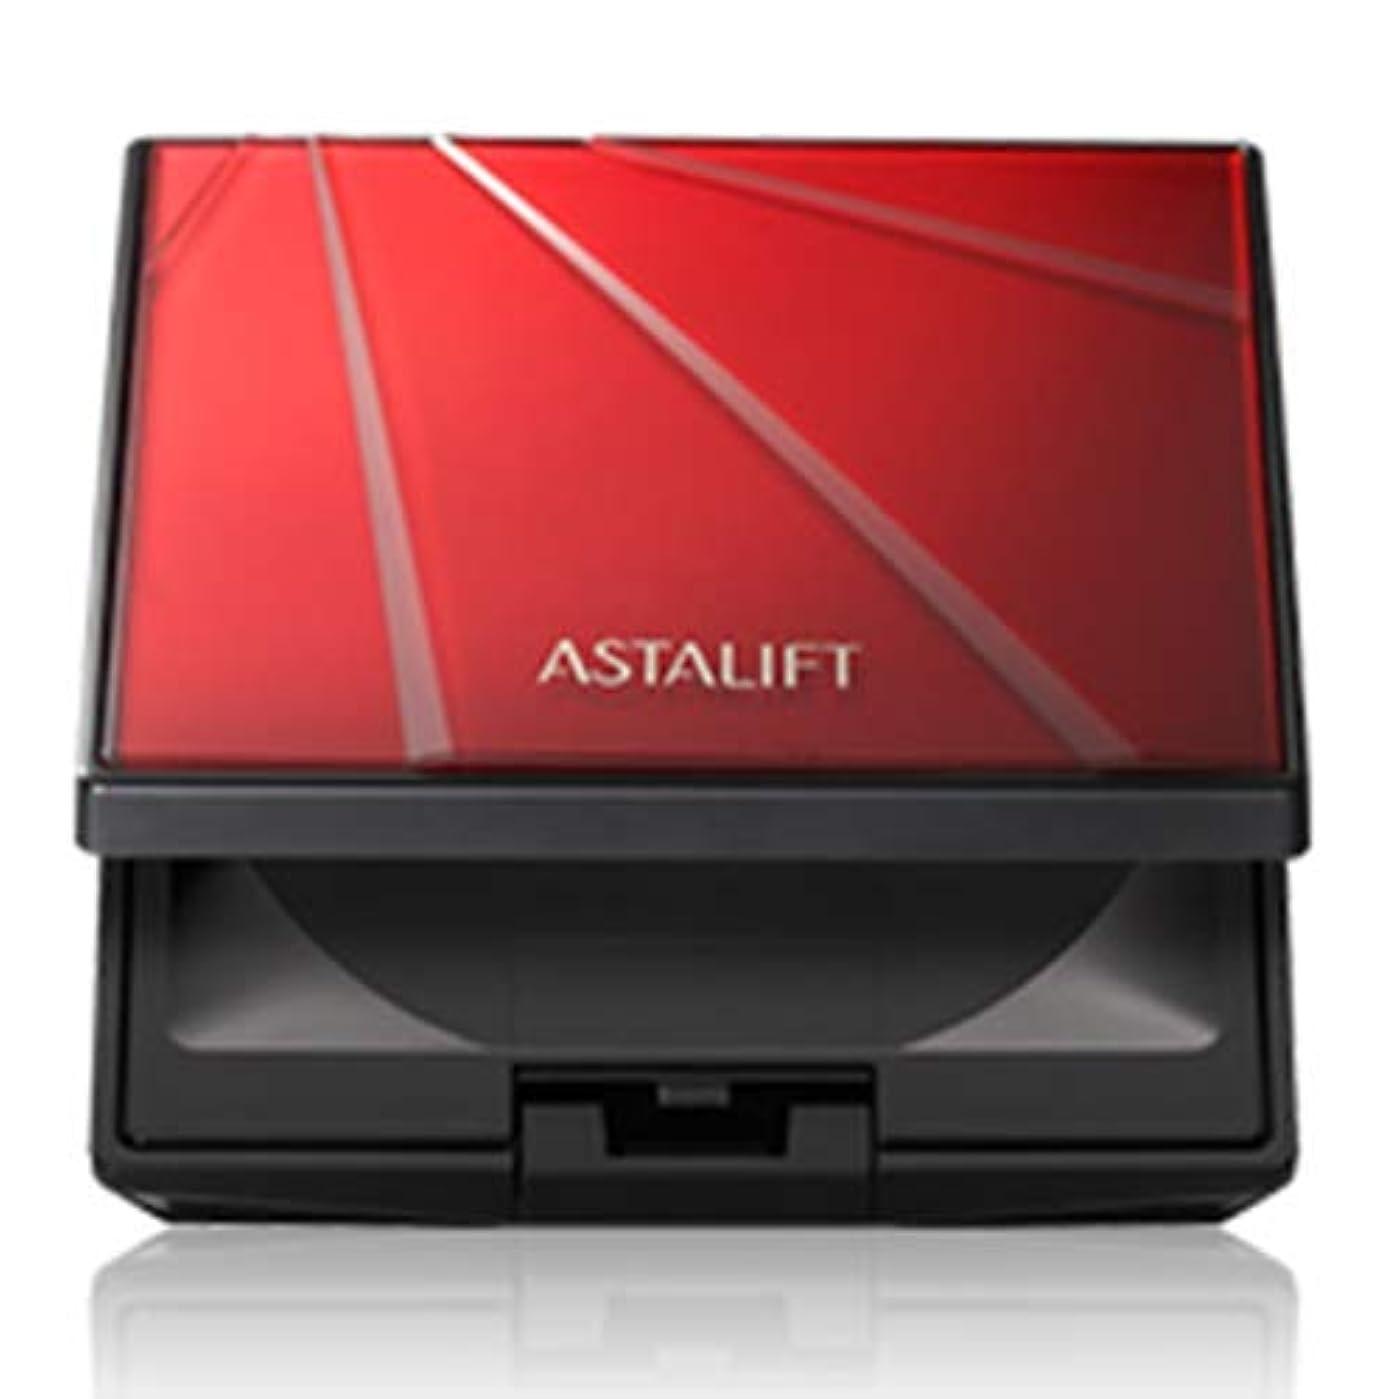 クレジットいつ本気ASTALIFT(アスタリフト) ライティングパーフェクション プレストパウダー用ケース